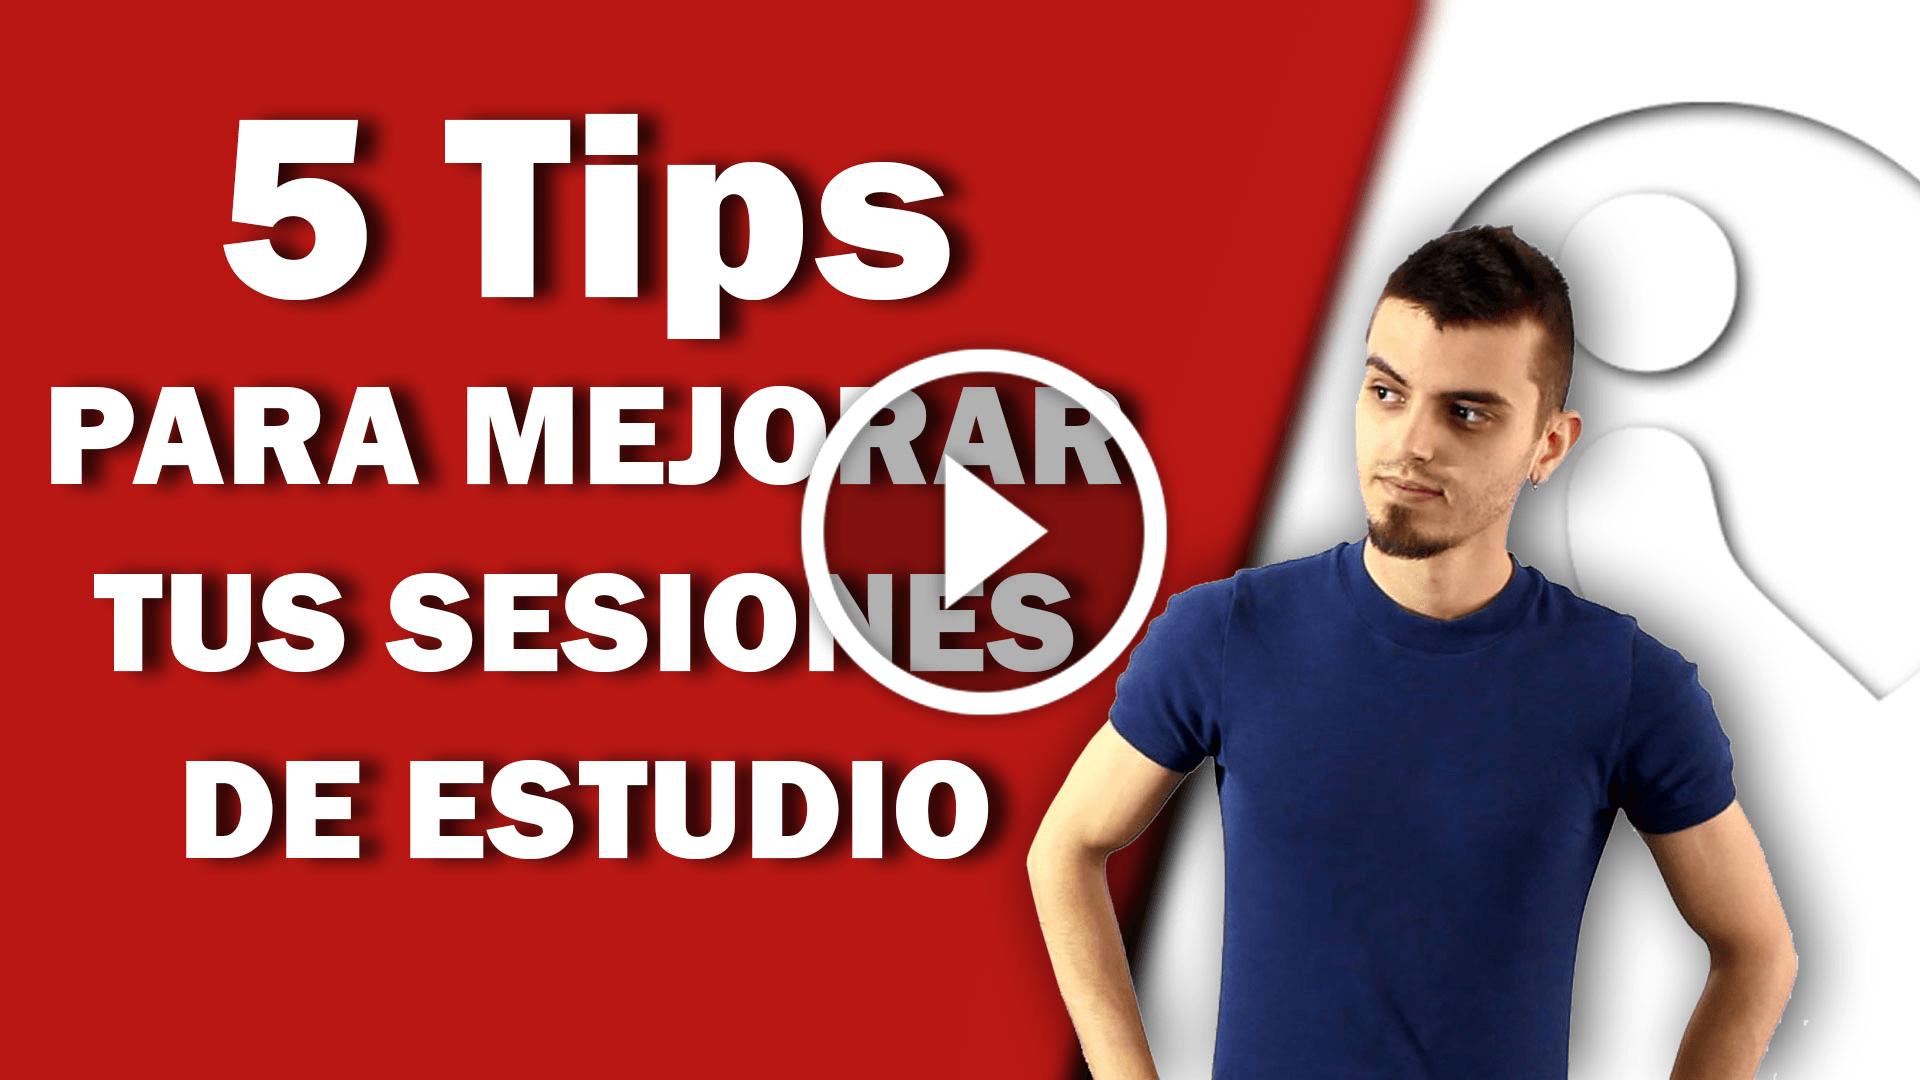 5 tips para mejorar tus sesiones de estudio